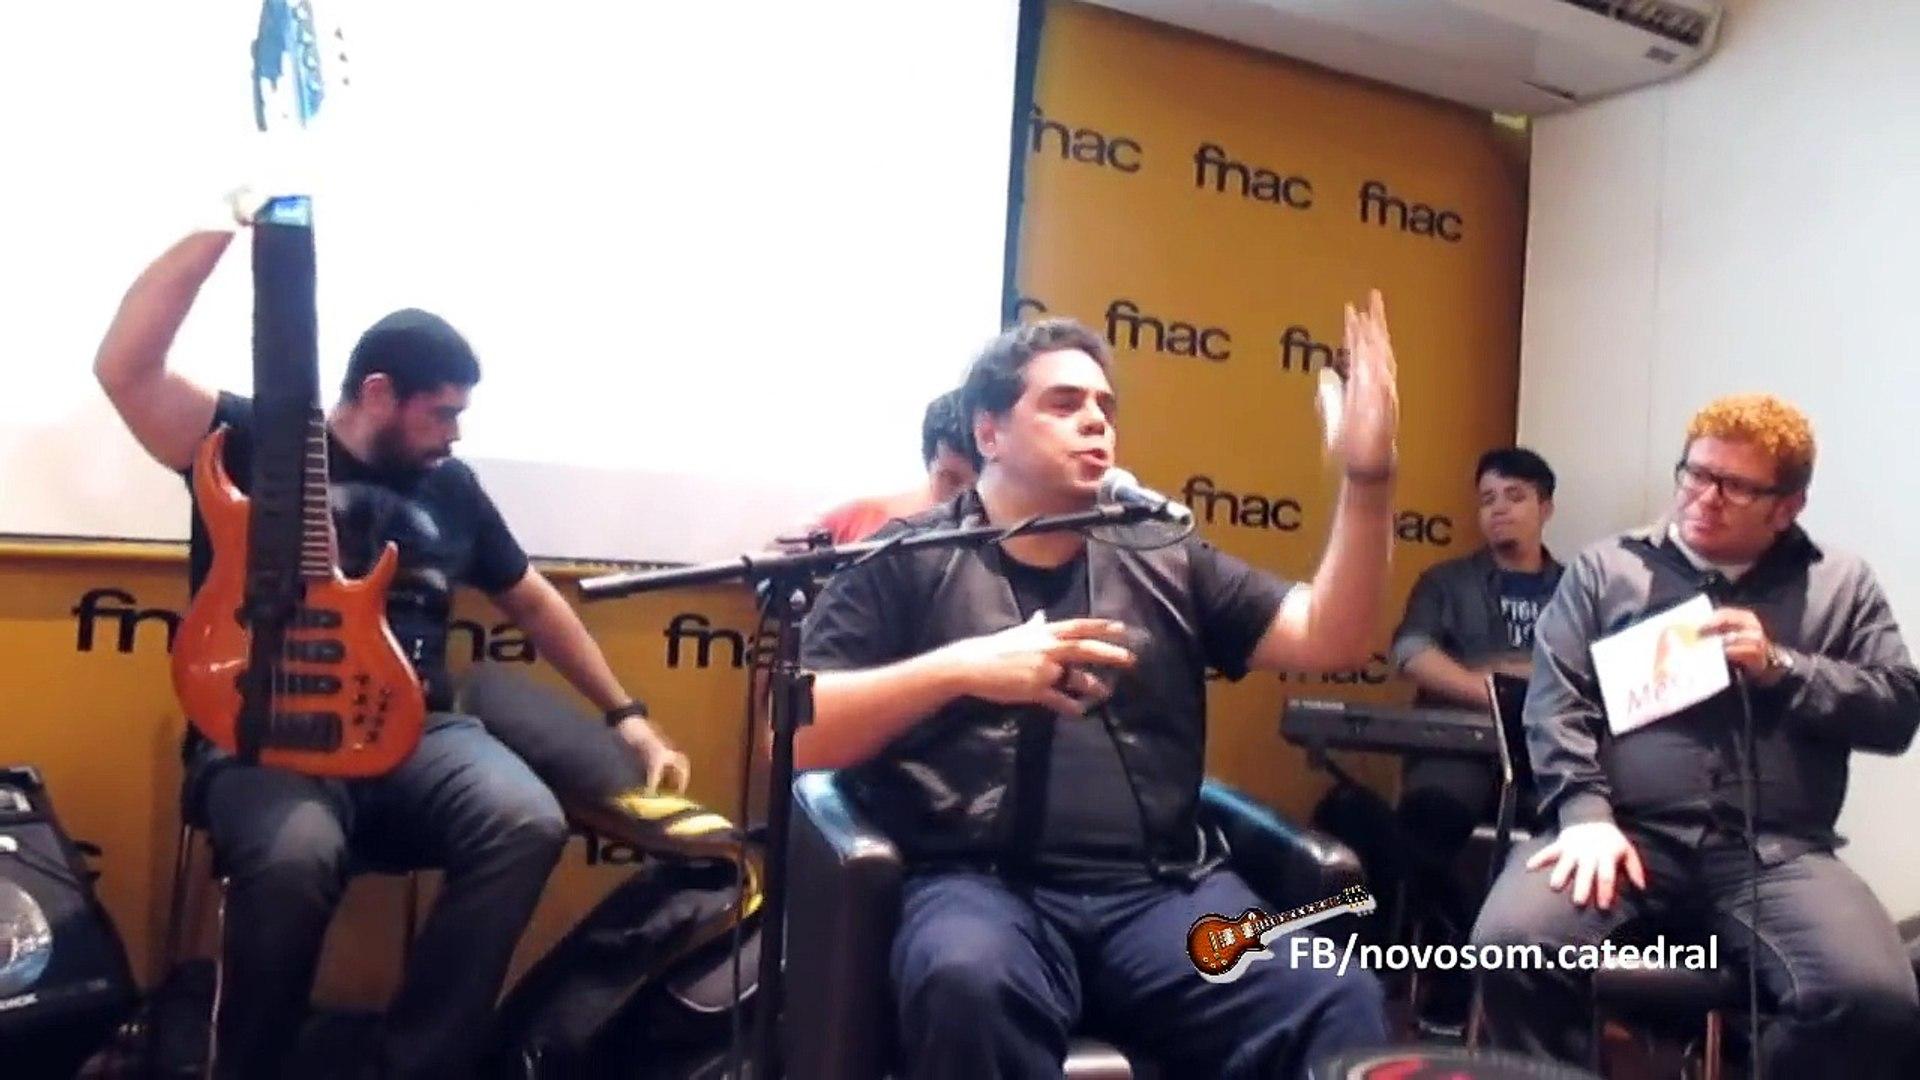 Catedral (Entrevista) - Fim da banda - Pocket Show Fnac.